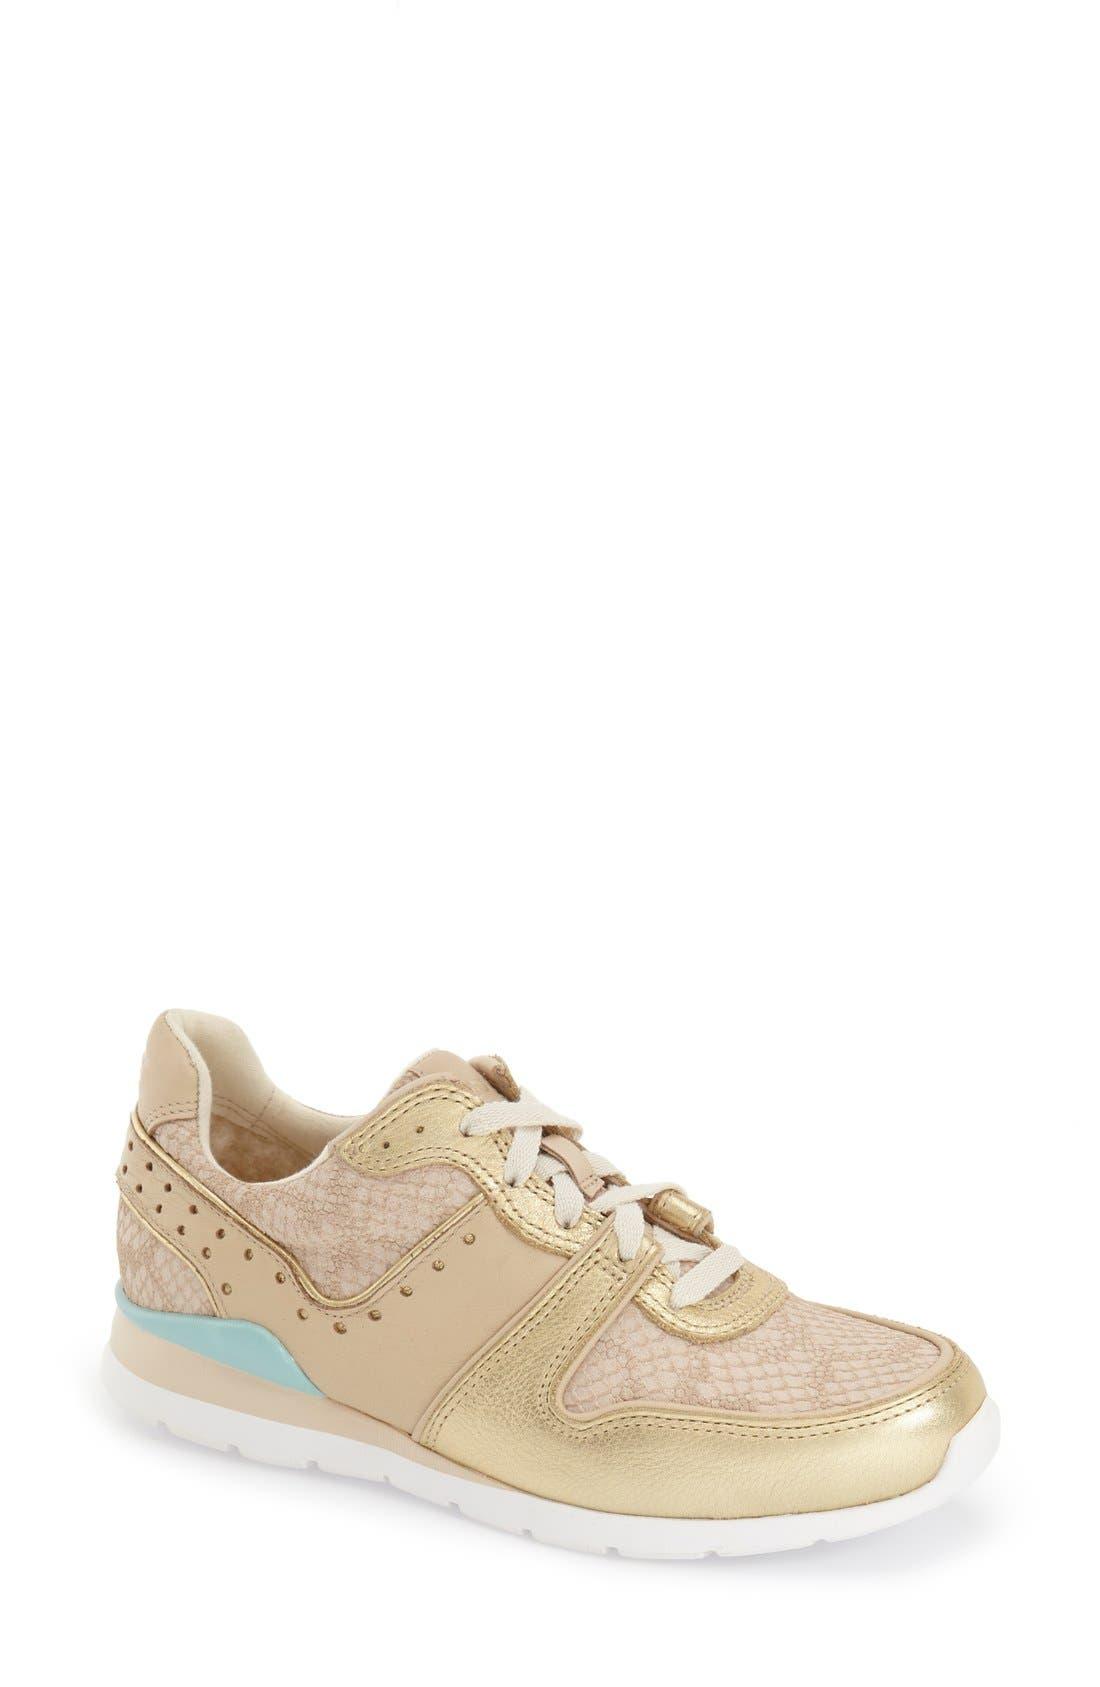 Main Image - UGG® Deaven Sneaker (Women)